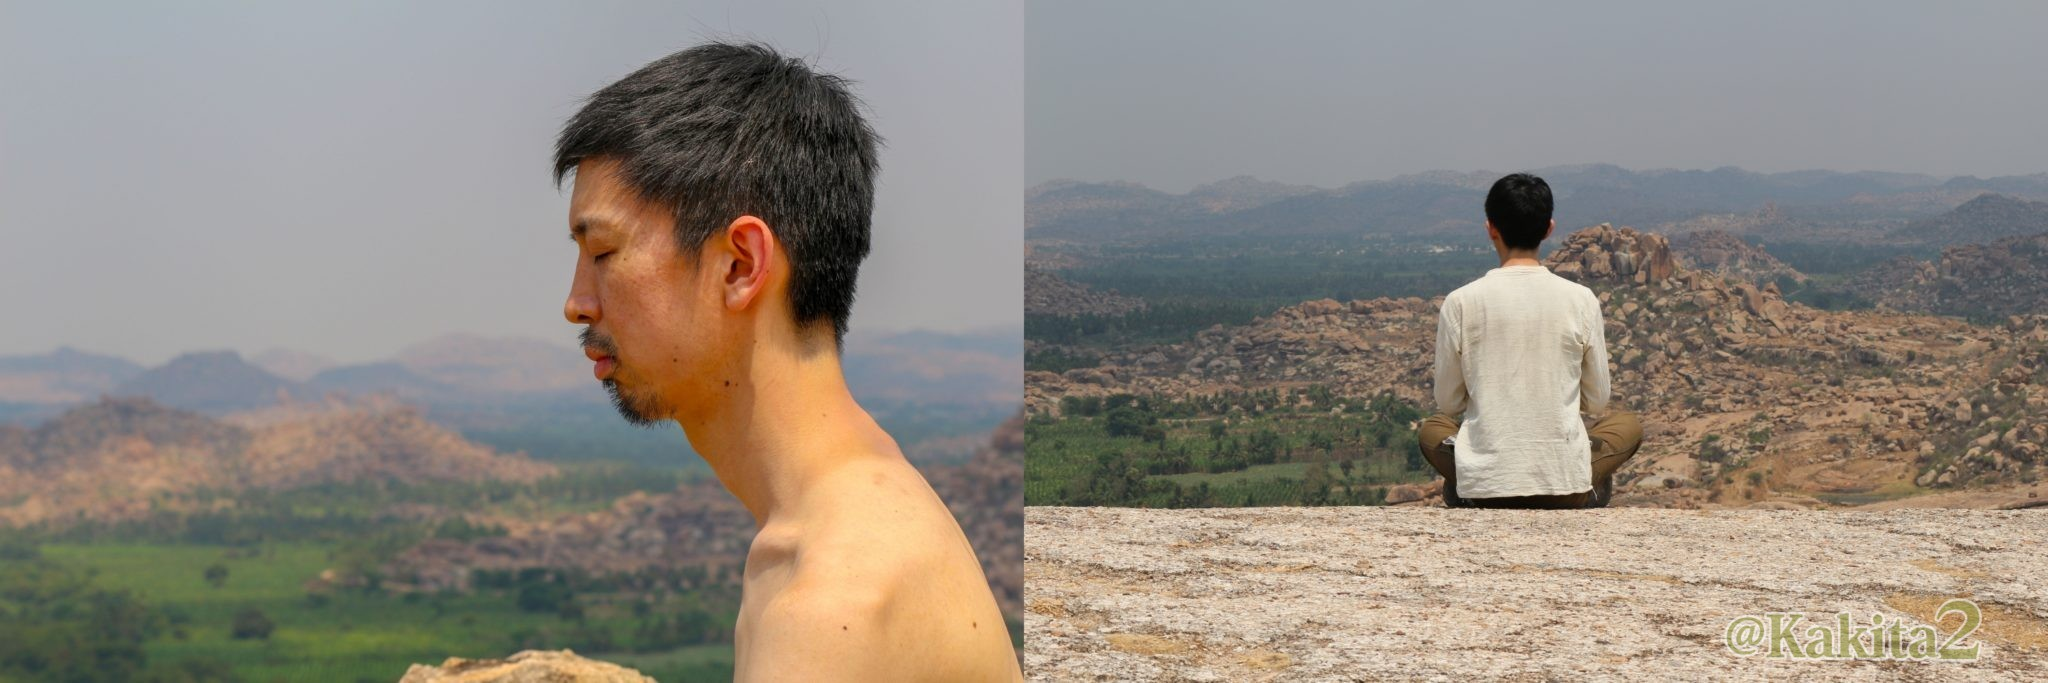 アカシックリーダー柿谷 英樹、インドでの写真